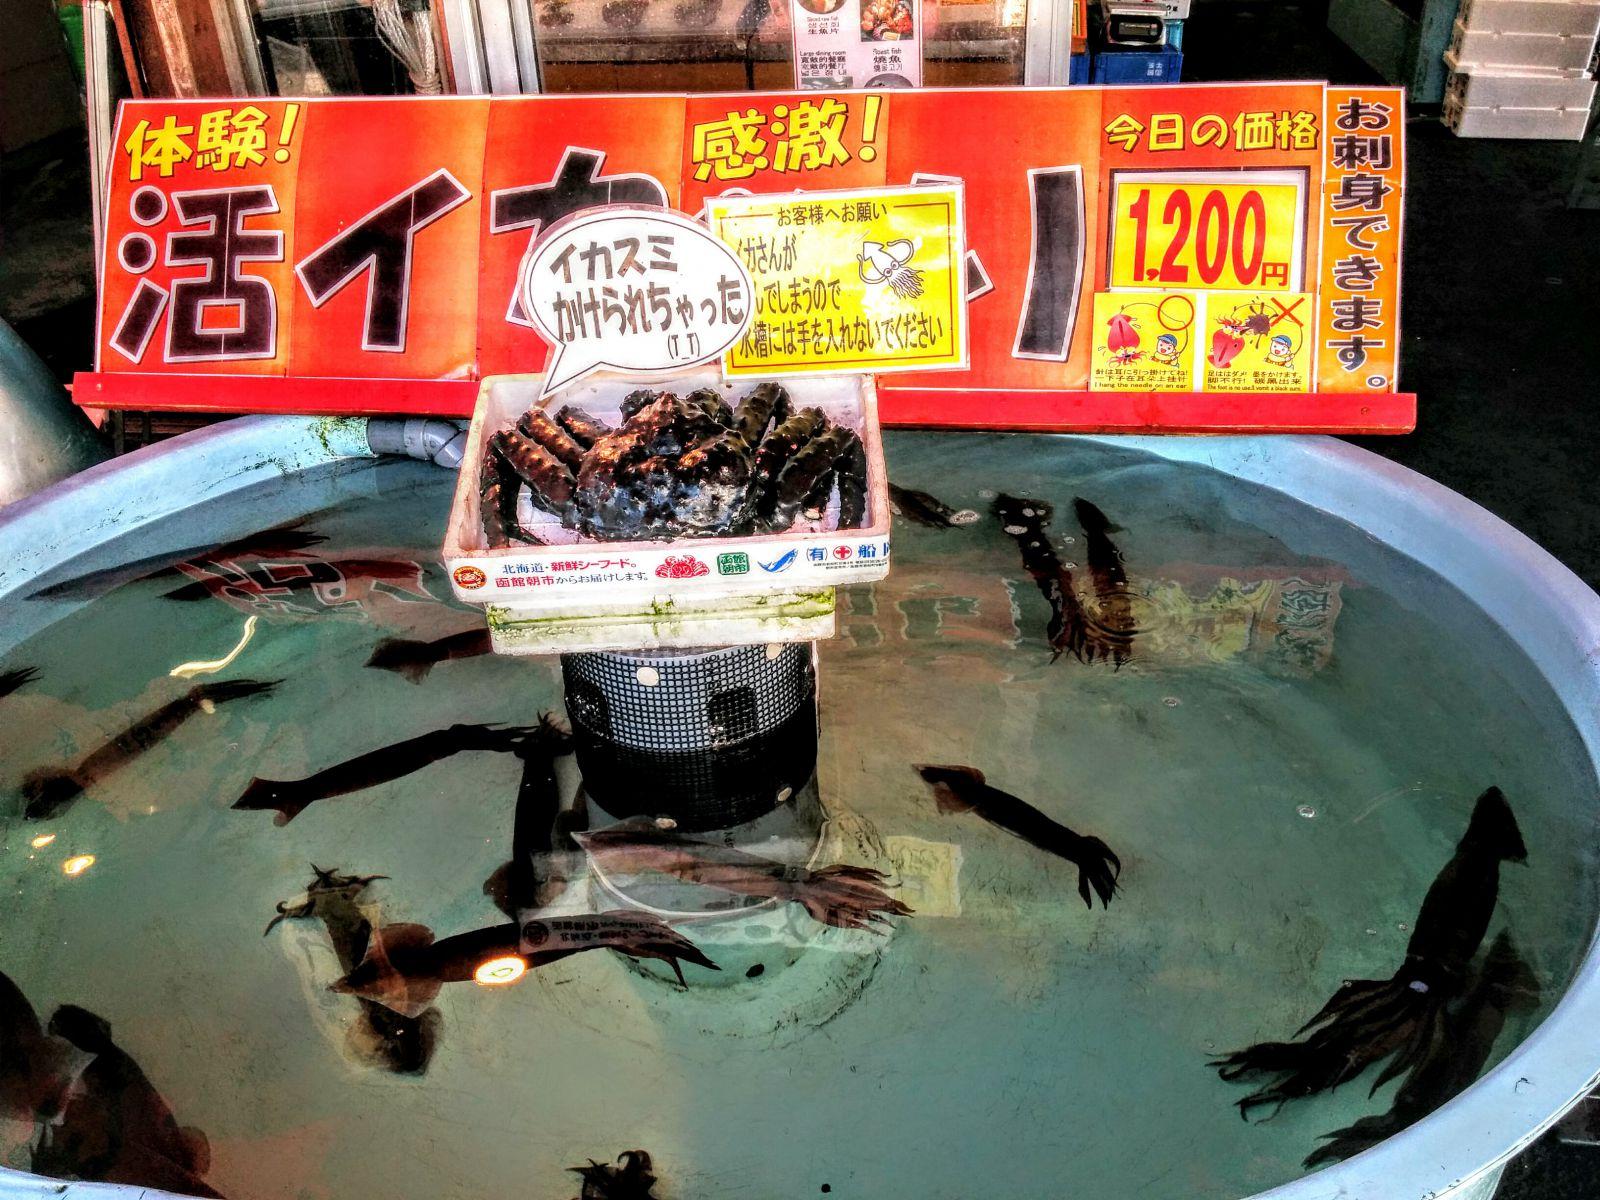 【函館】函館朝市活イカ釣り観光グルメ案内です。